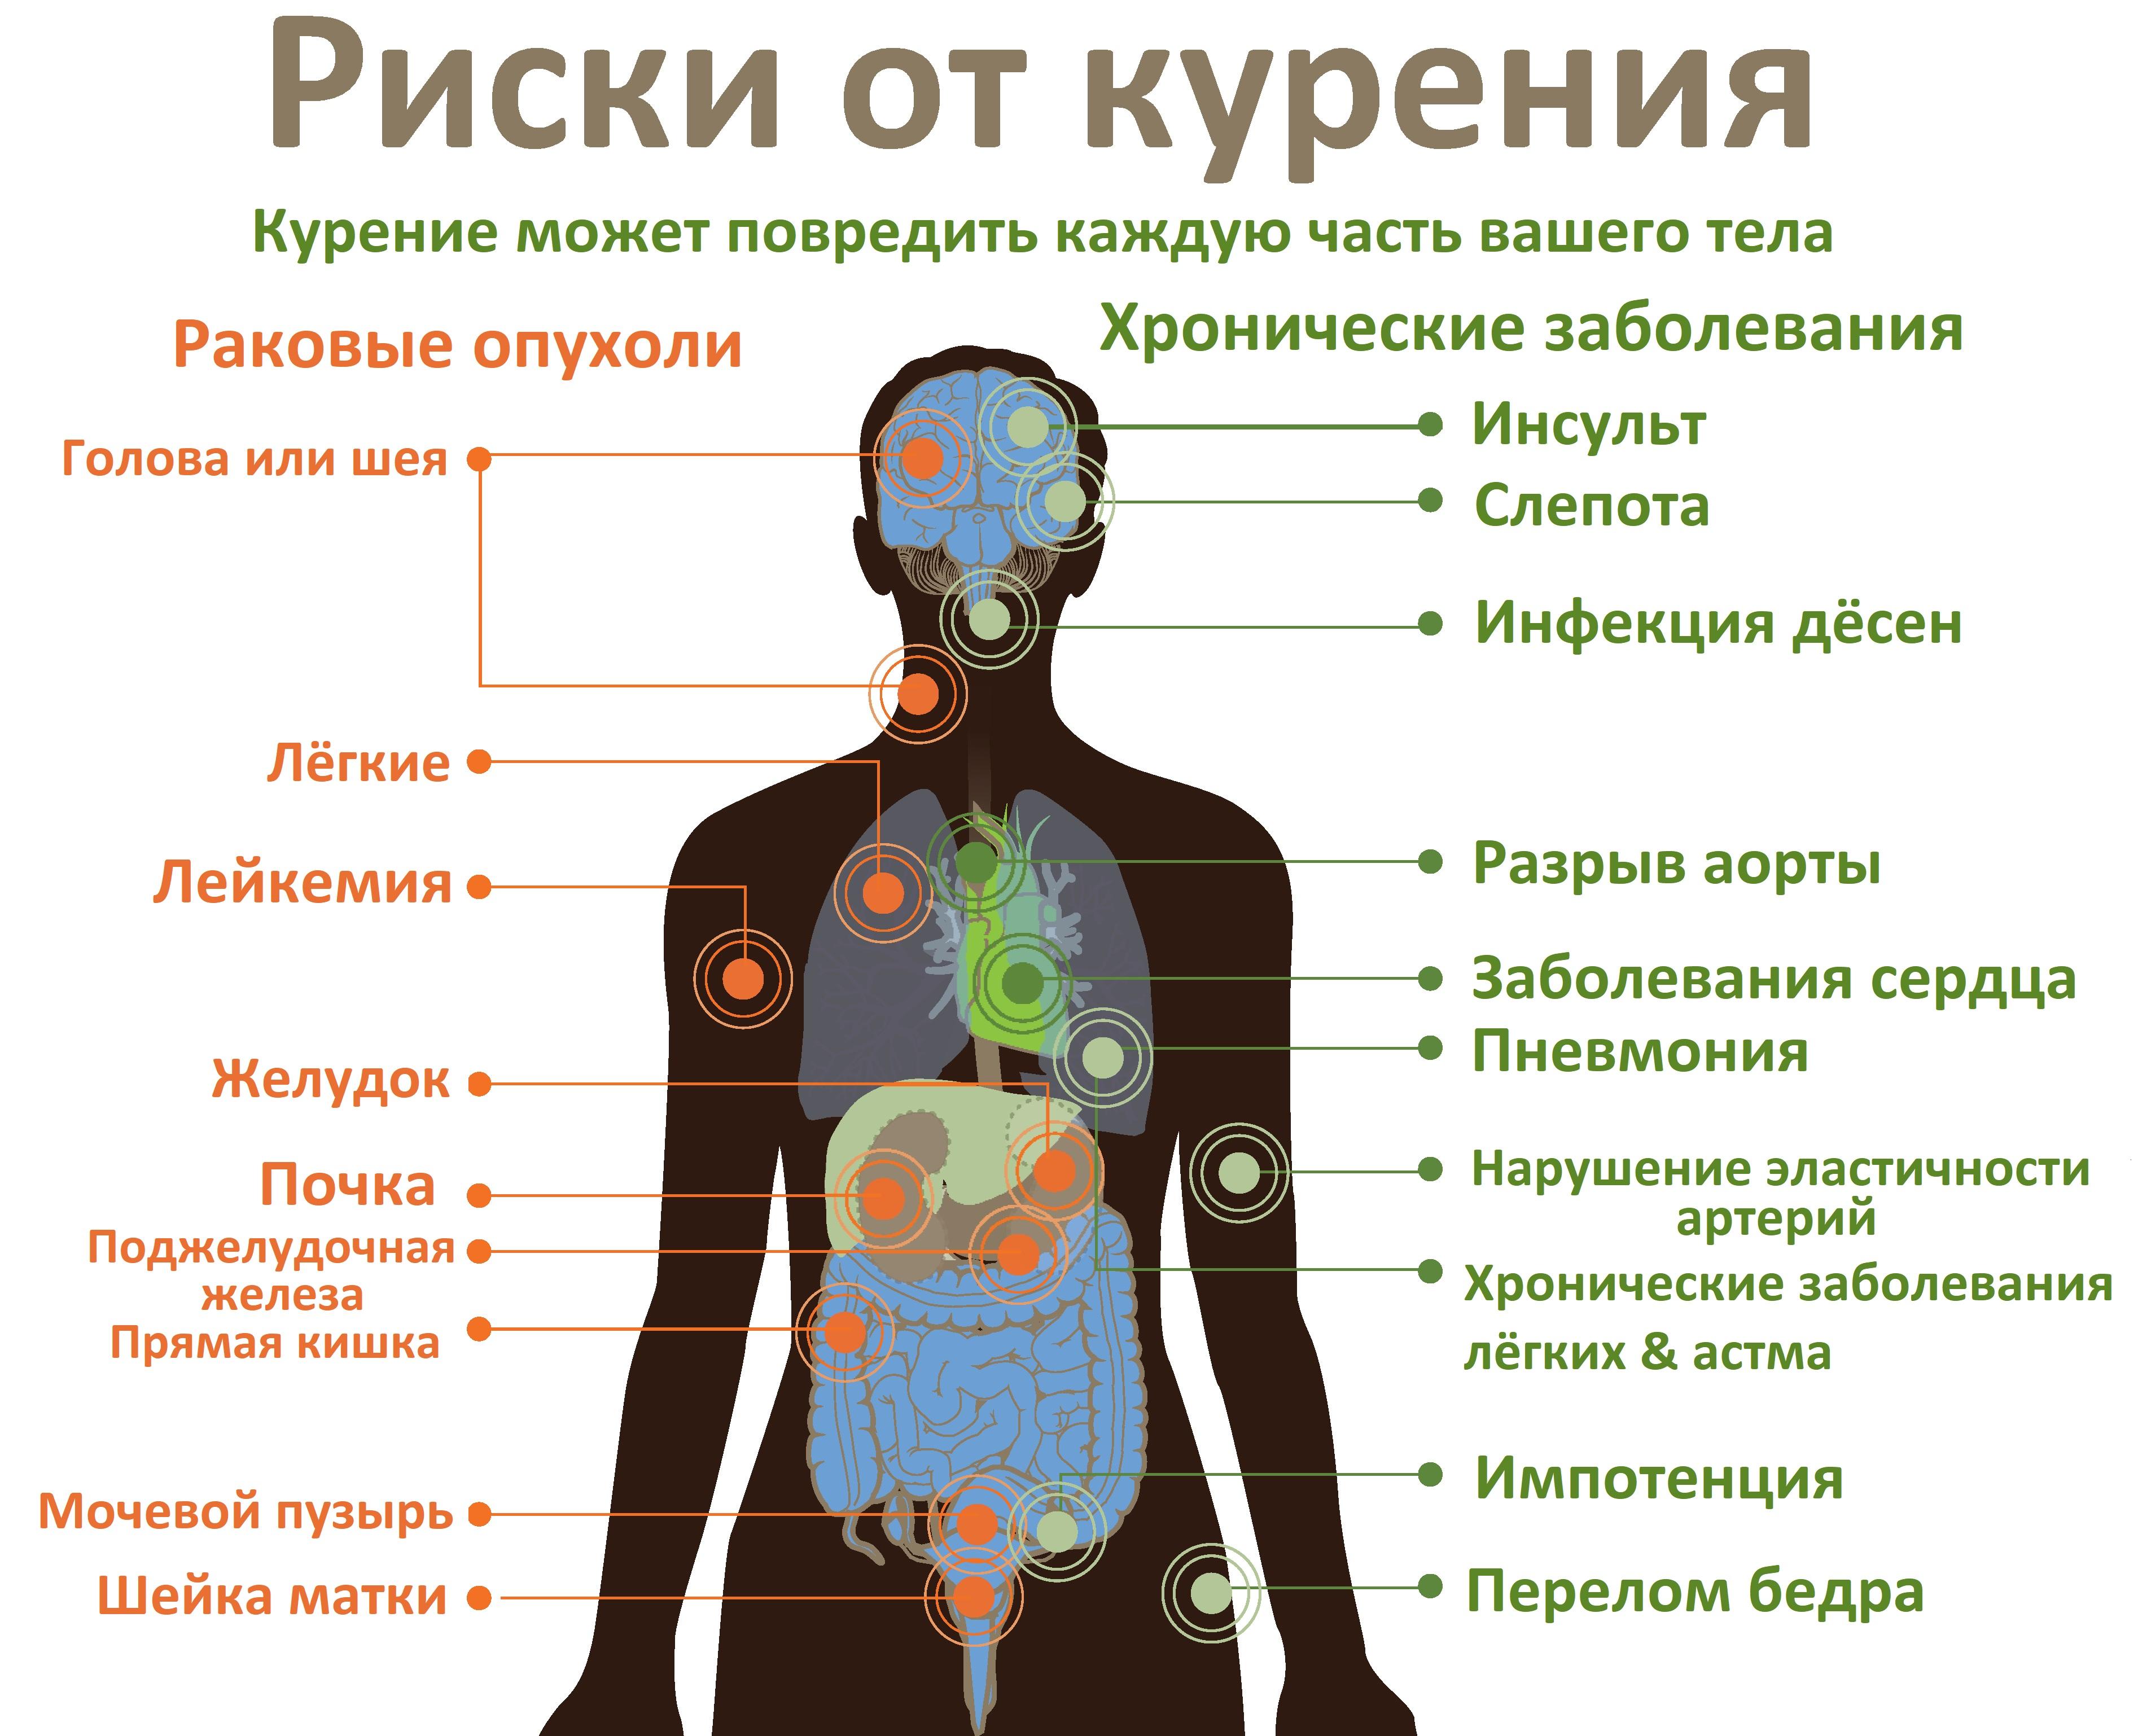 Никотин: обзорная статья на популярный яд | pro-курение